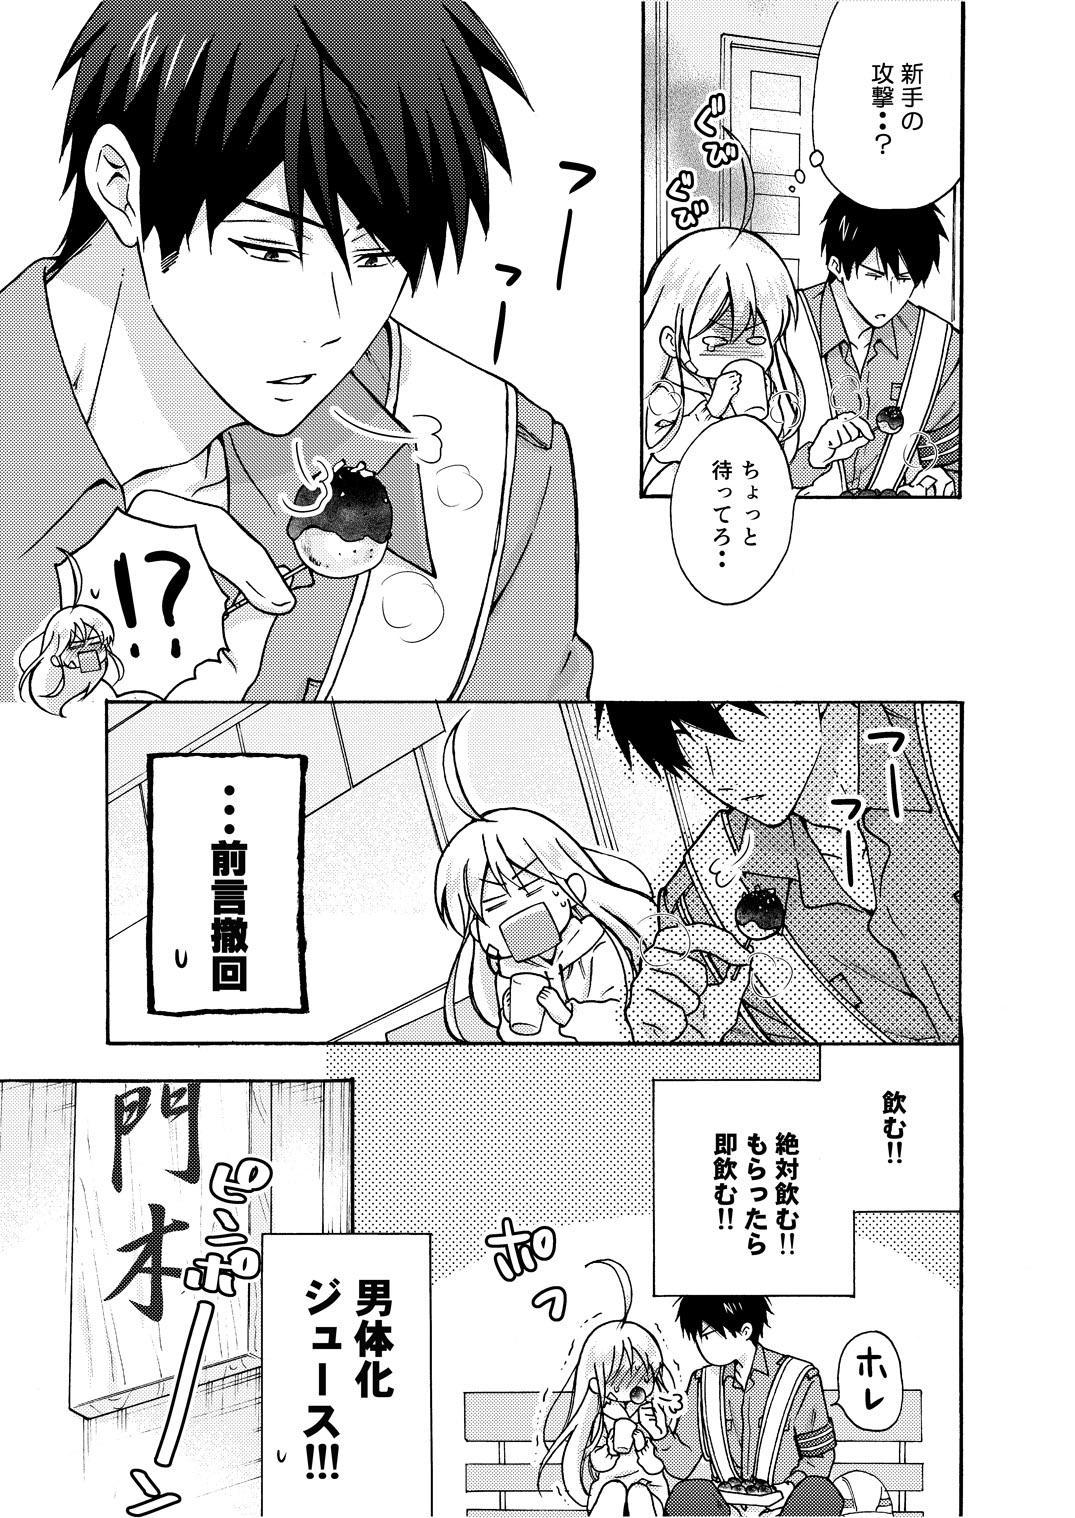 Nyotaika Yankee Gakuen ☆ Ore no Hajimete, Nerawaretemasu. 9 17